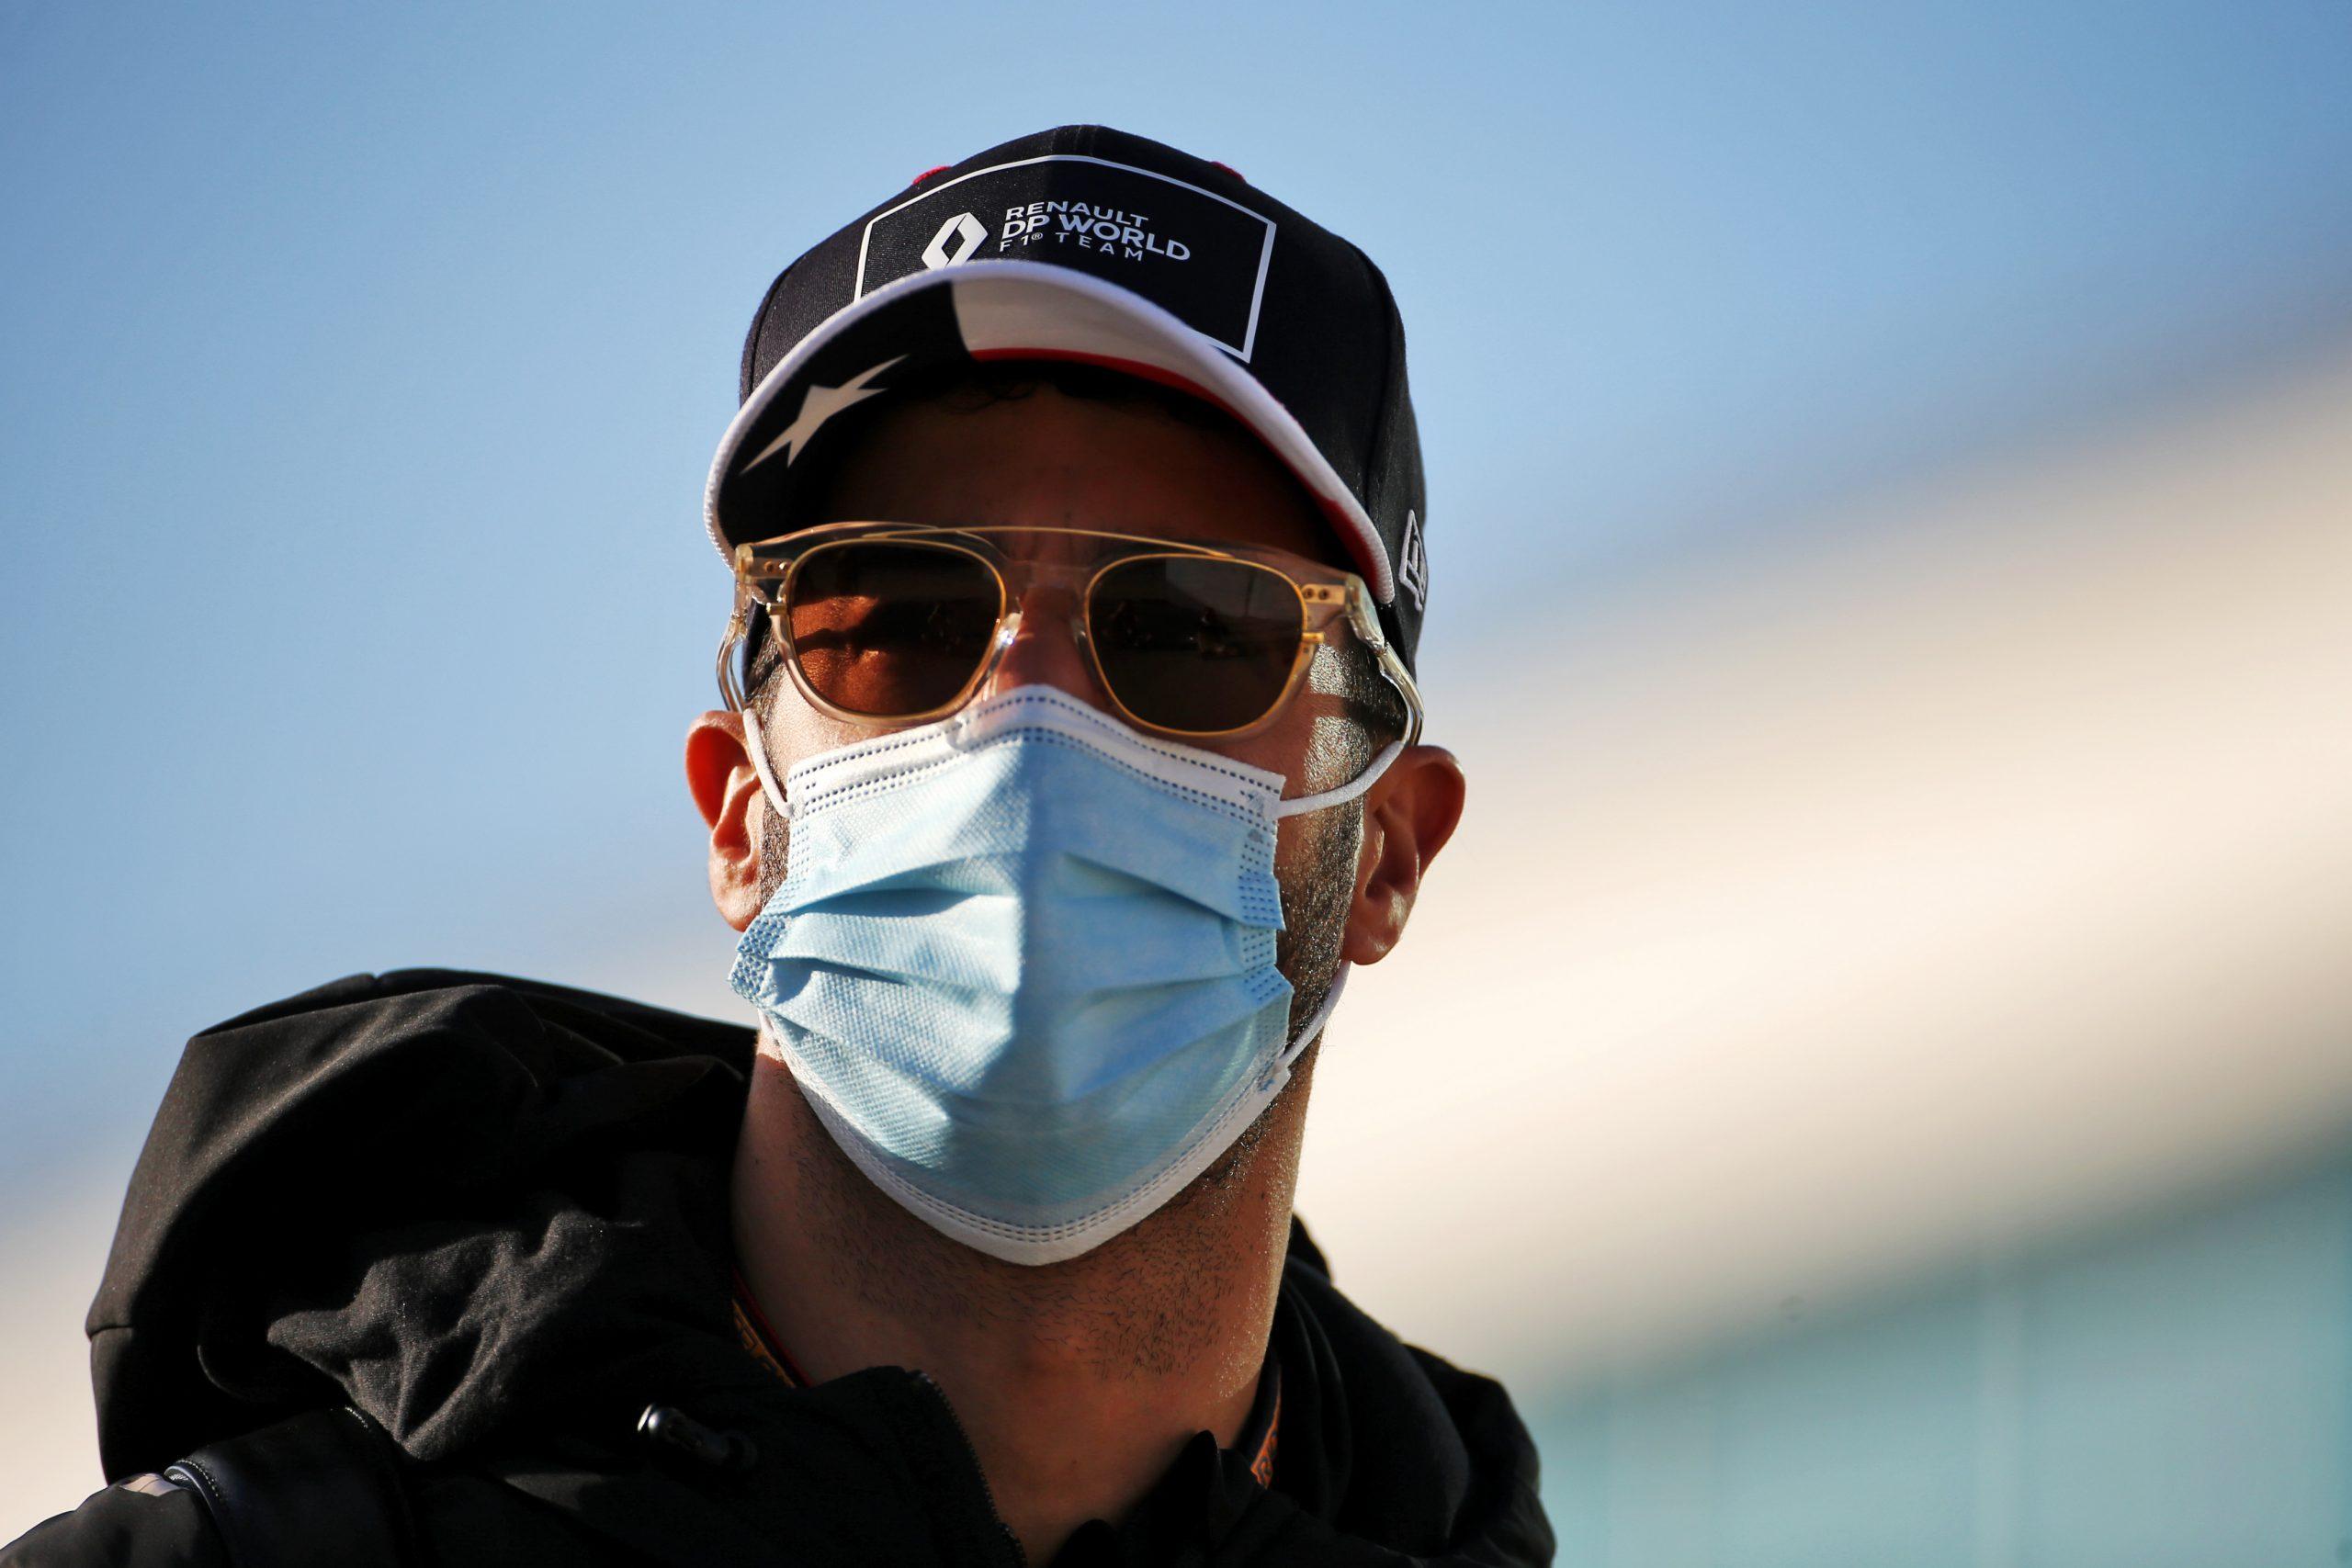 Ricciardo a limité les dégâts pour Renault F1 à Portimao - Le pilote Renault Daniel Ricciardo était évidemment déçu ce dimanche de terminer à la neuvième place du GP du Portugal, mais l'Australien estime avoir au moins réussi à limiter les dégâts